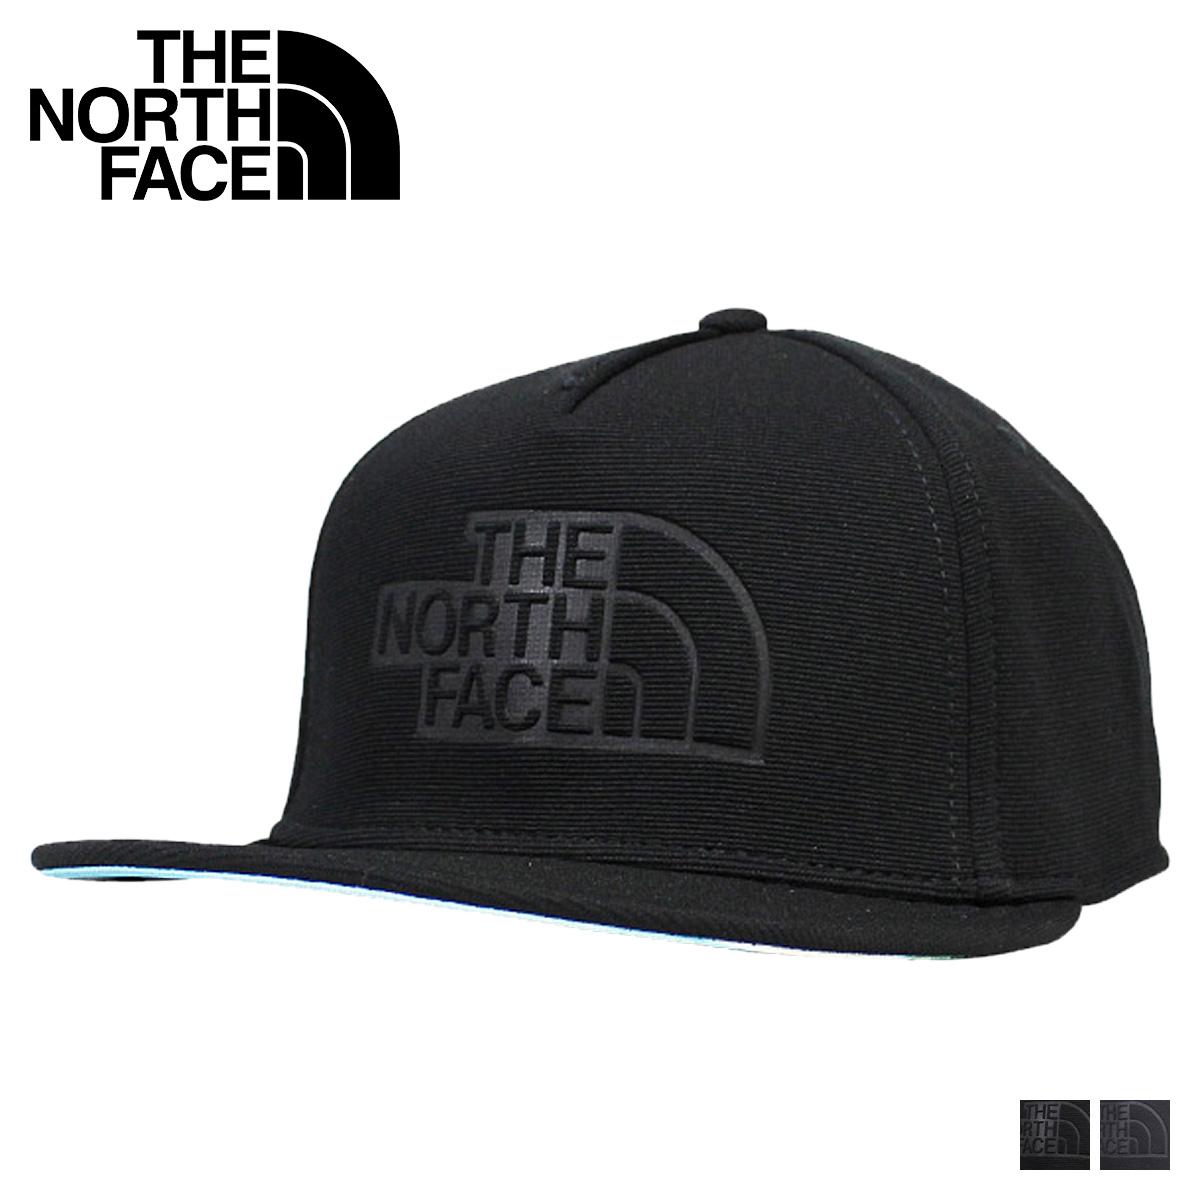 f01ddb27f North Face THE NORTH FACE cap hat A6W9 2 color HOUSTON FLAT BRIM men